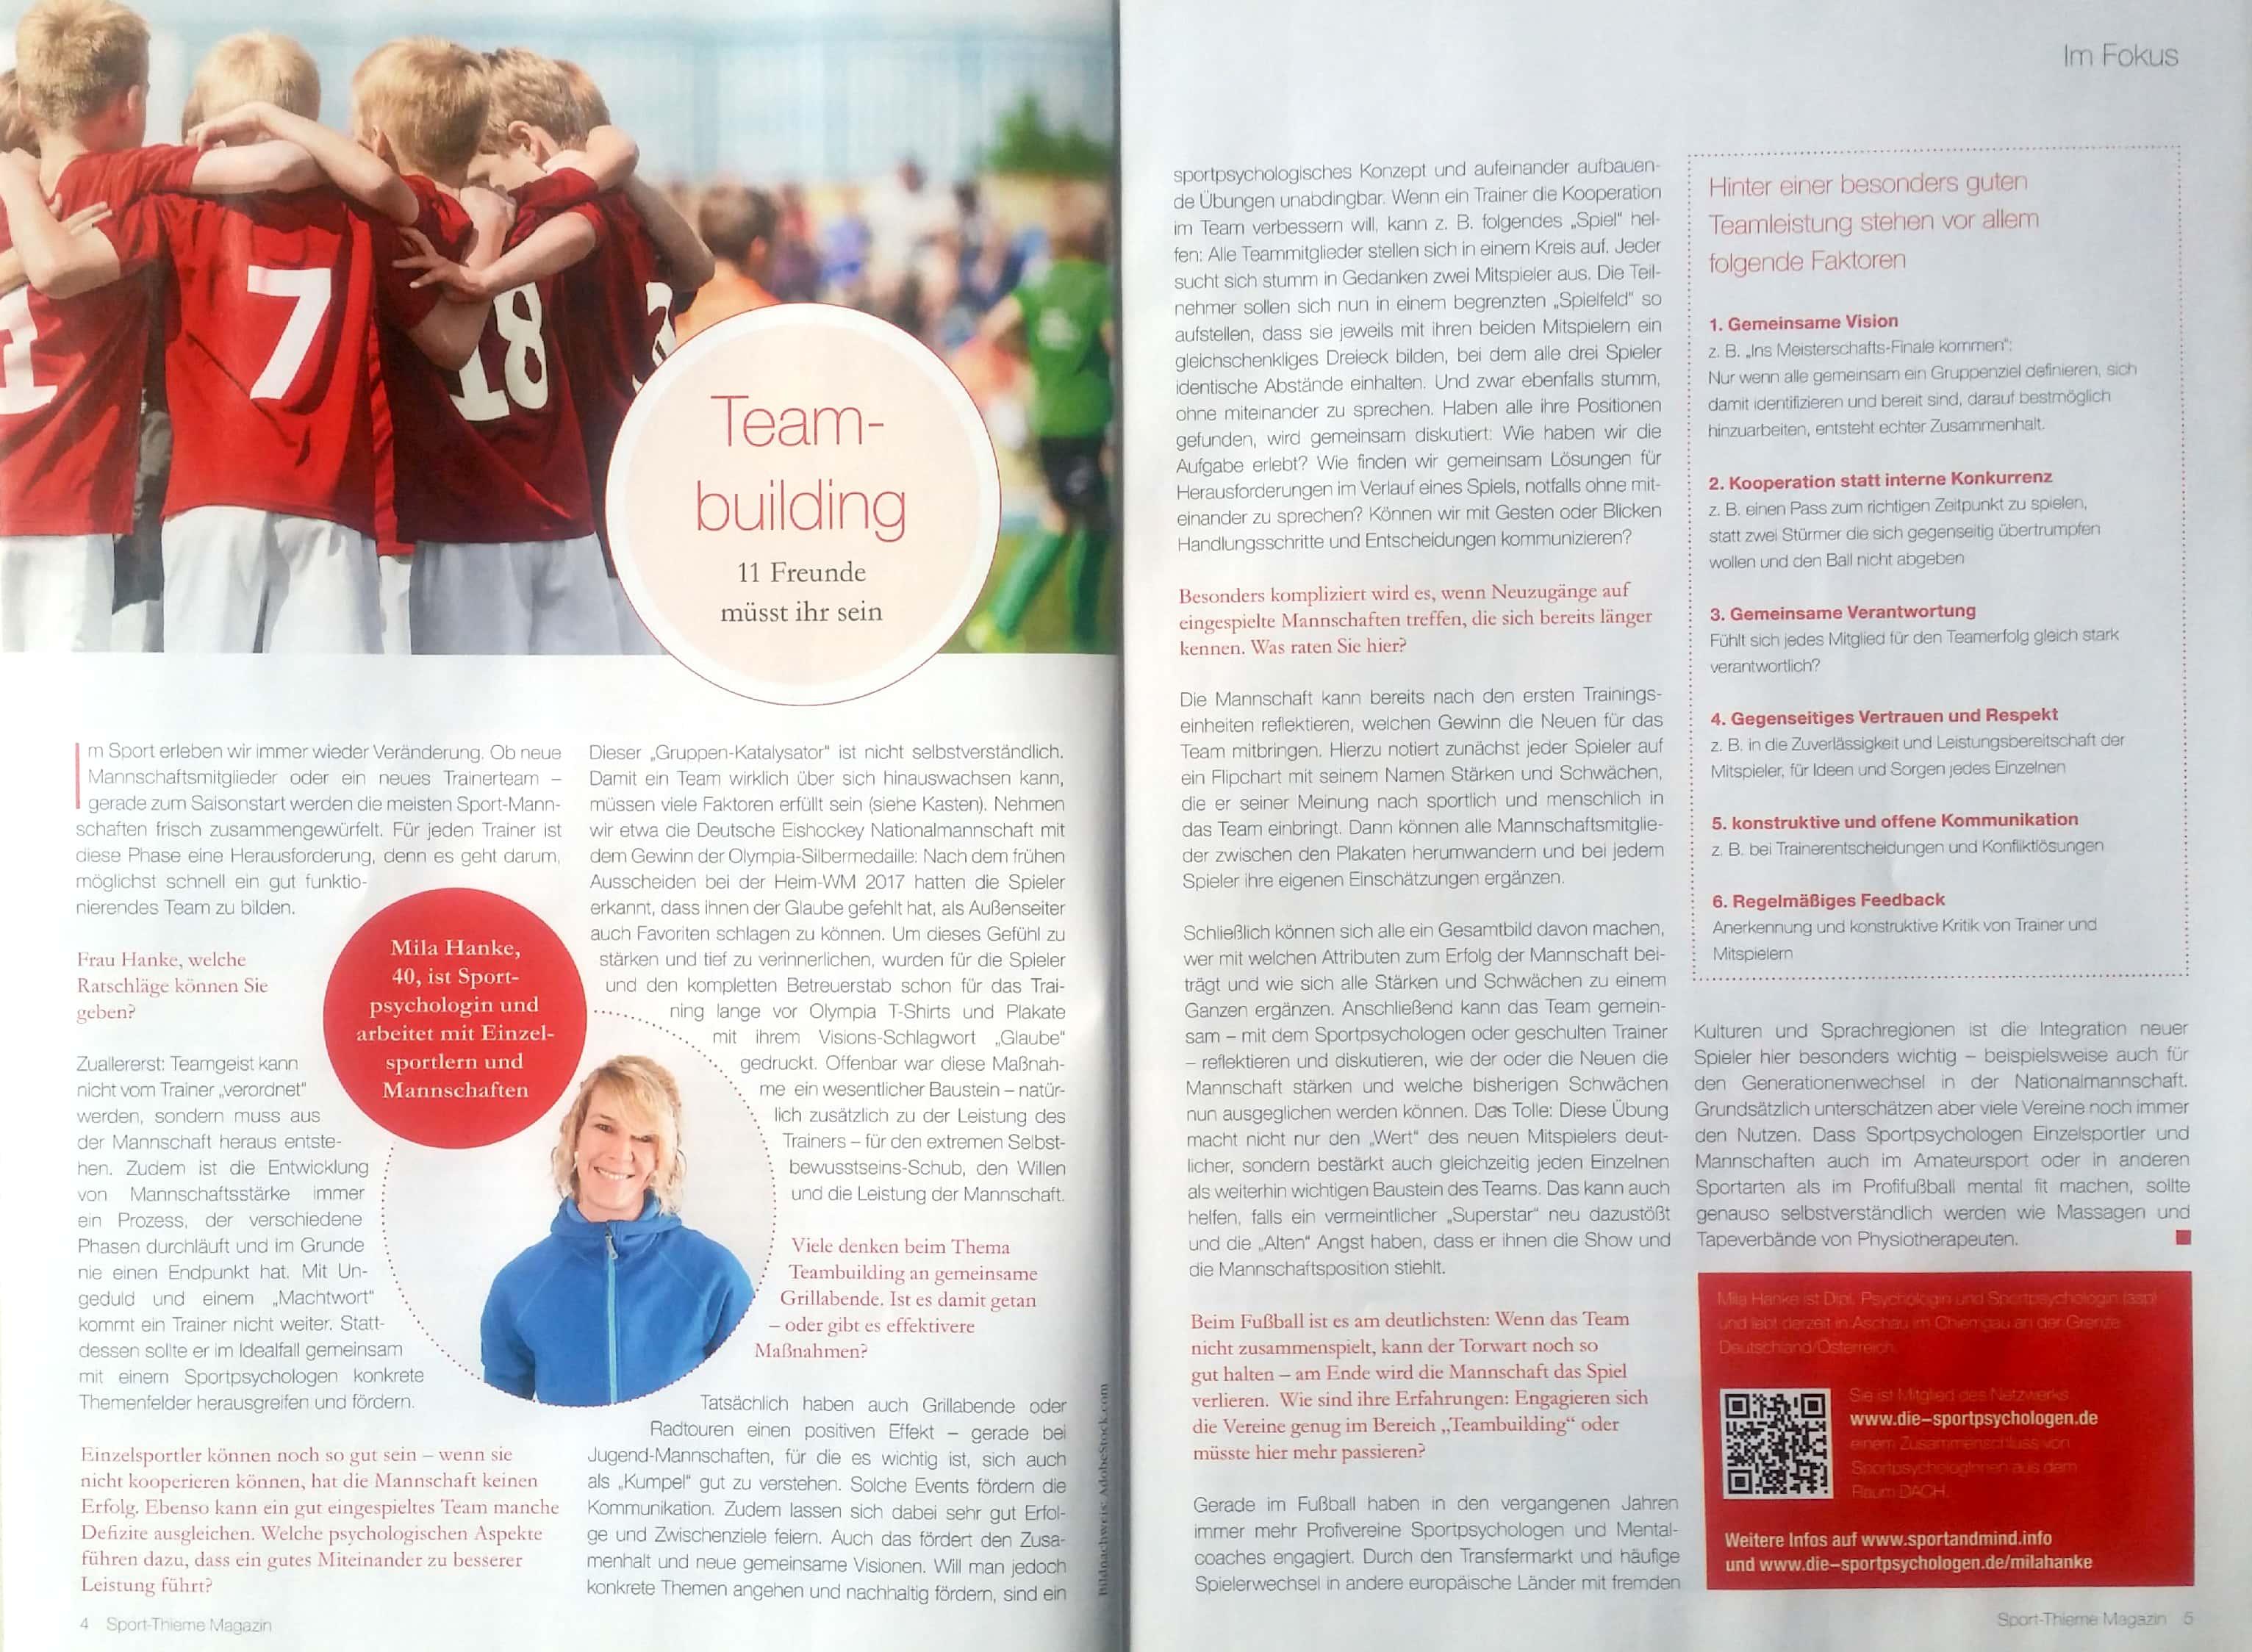 Mila Hanke: Von Fußball bis Eishockey – Teambuilding im